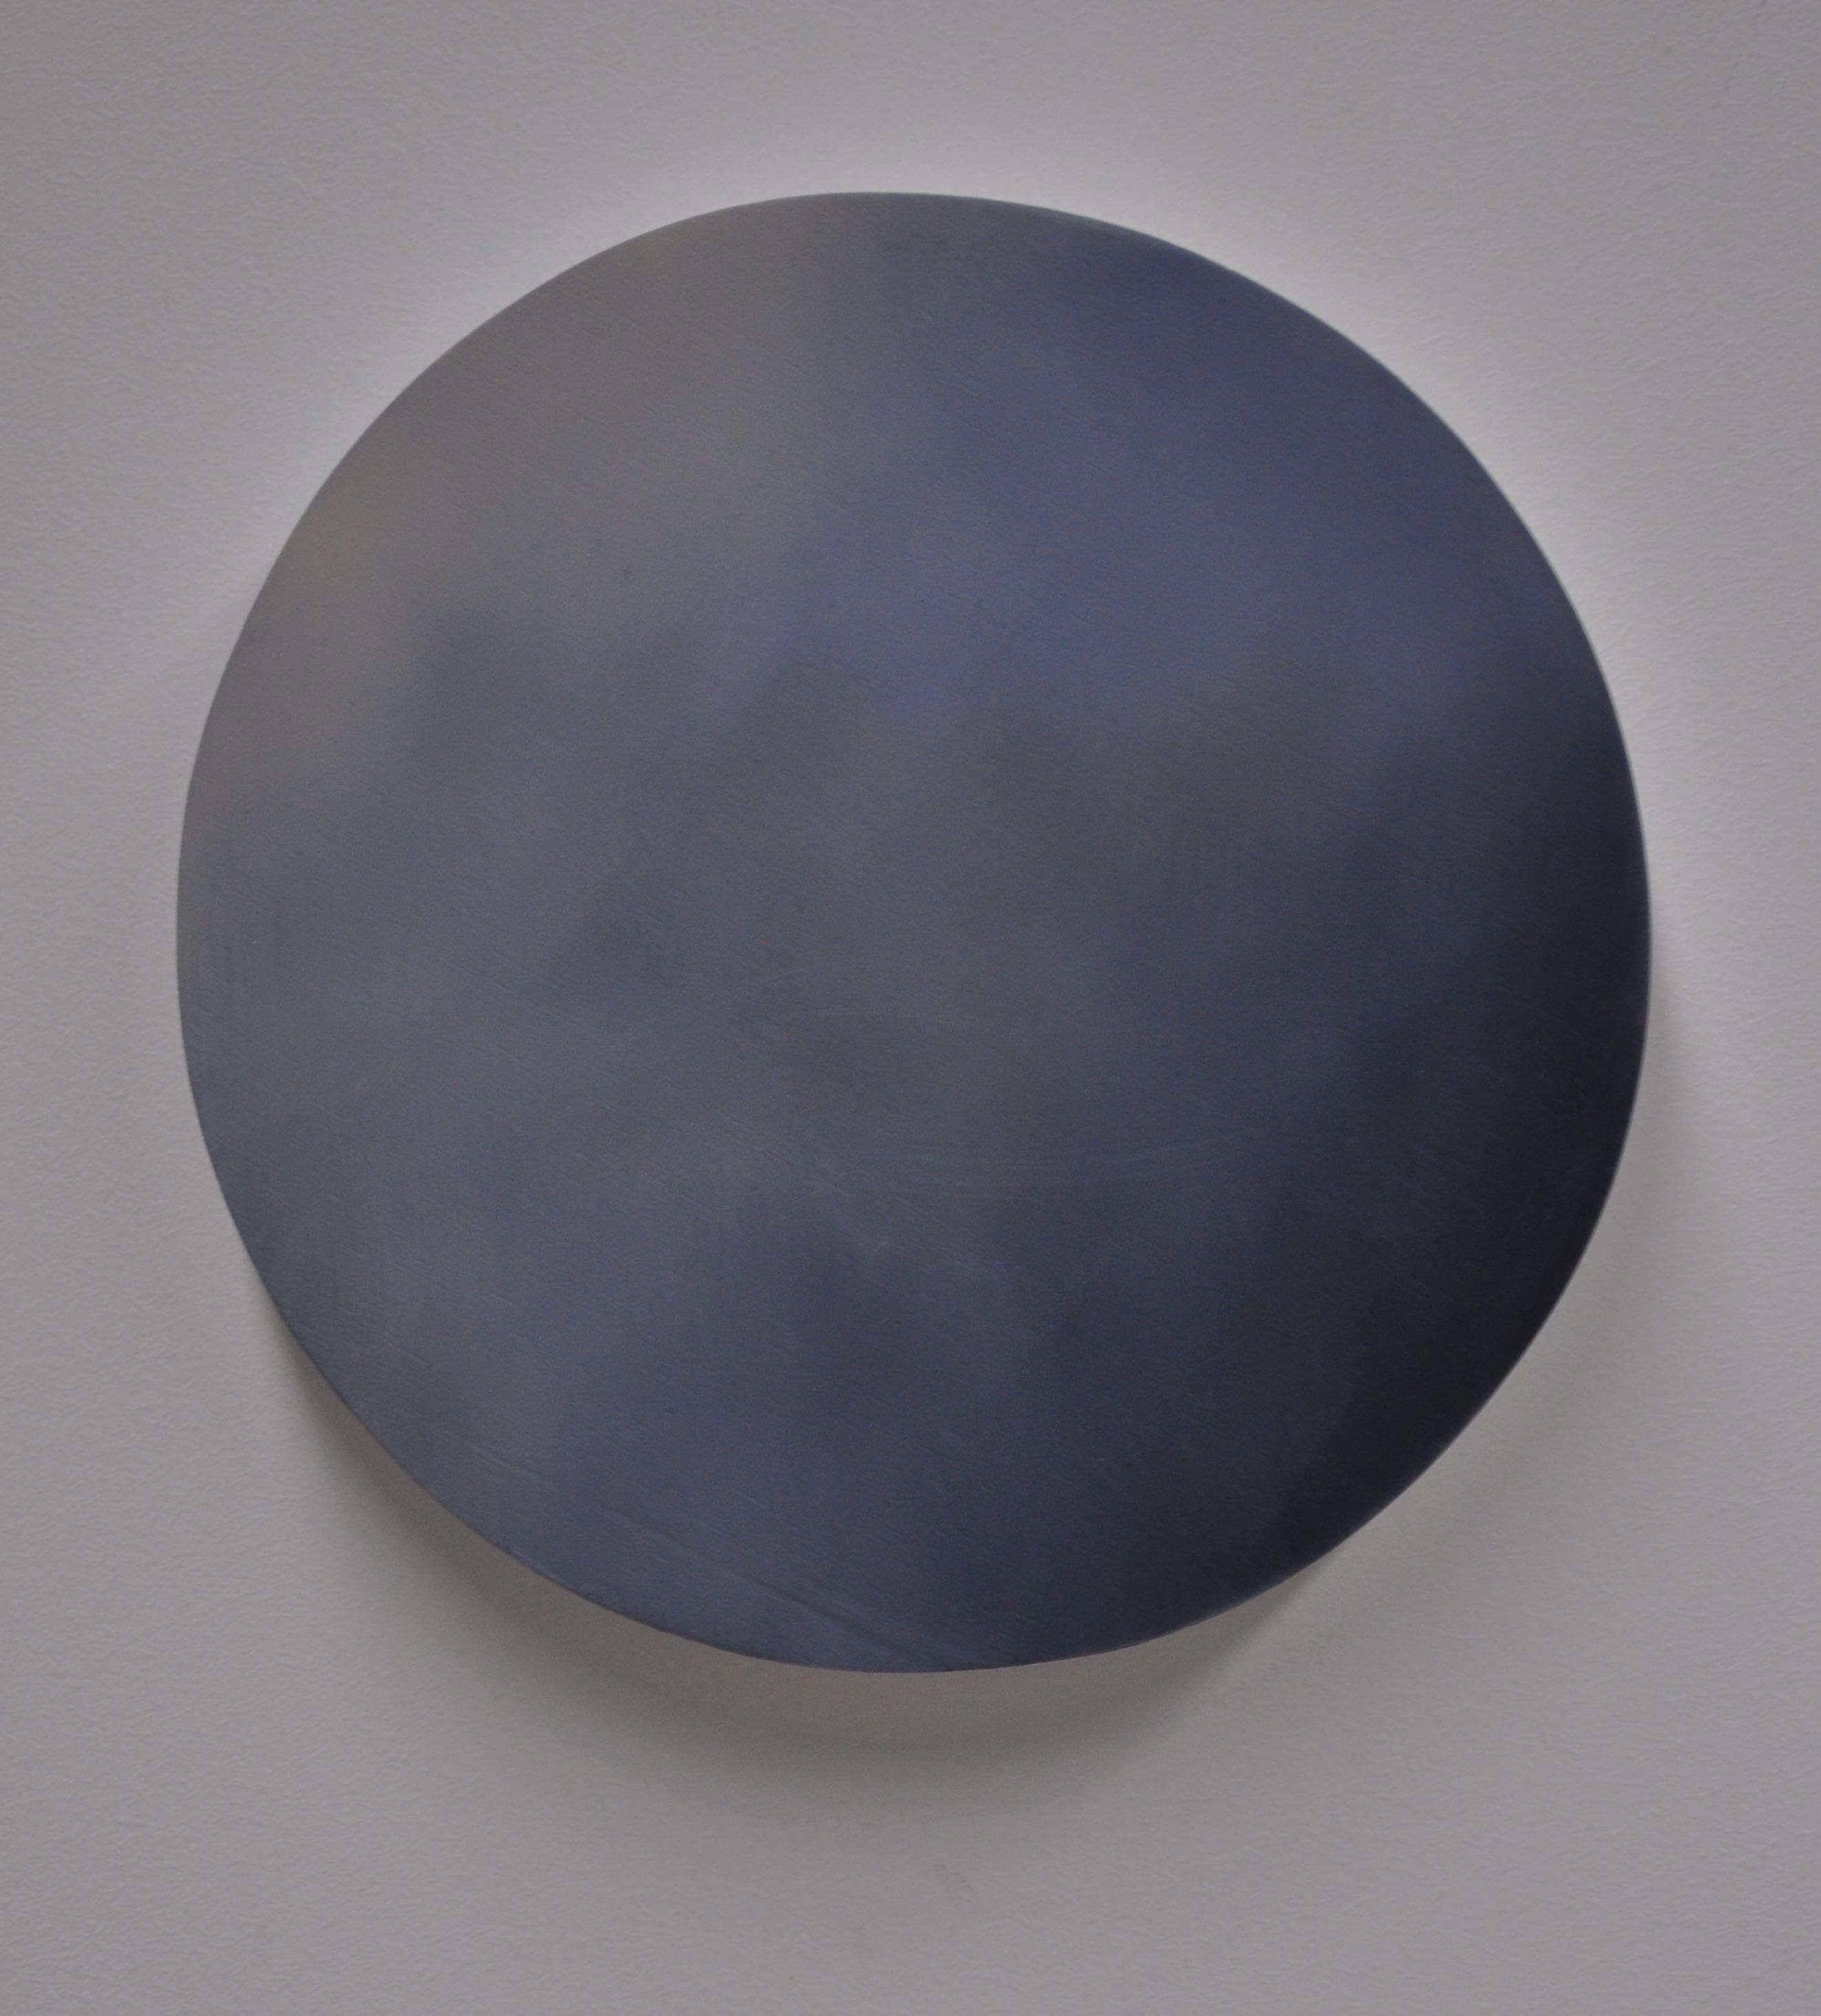 Small Dot 01 Reverie 01 20cm diameter Oil on Board 2015